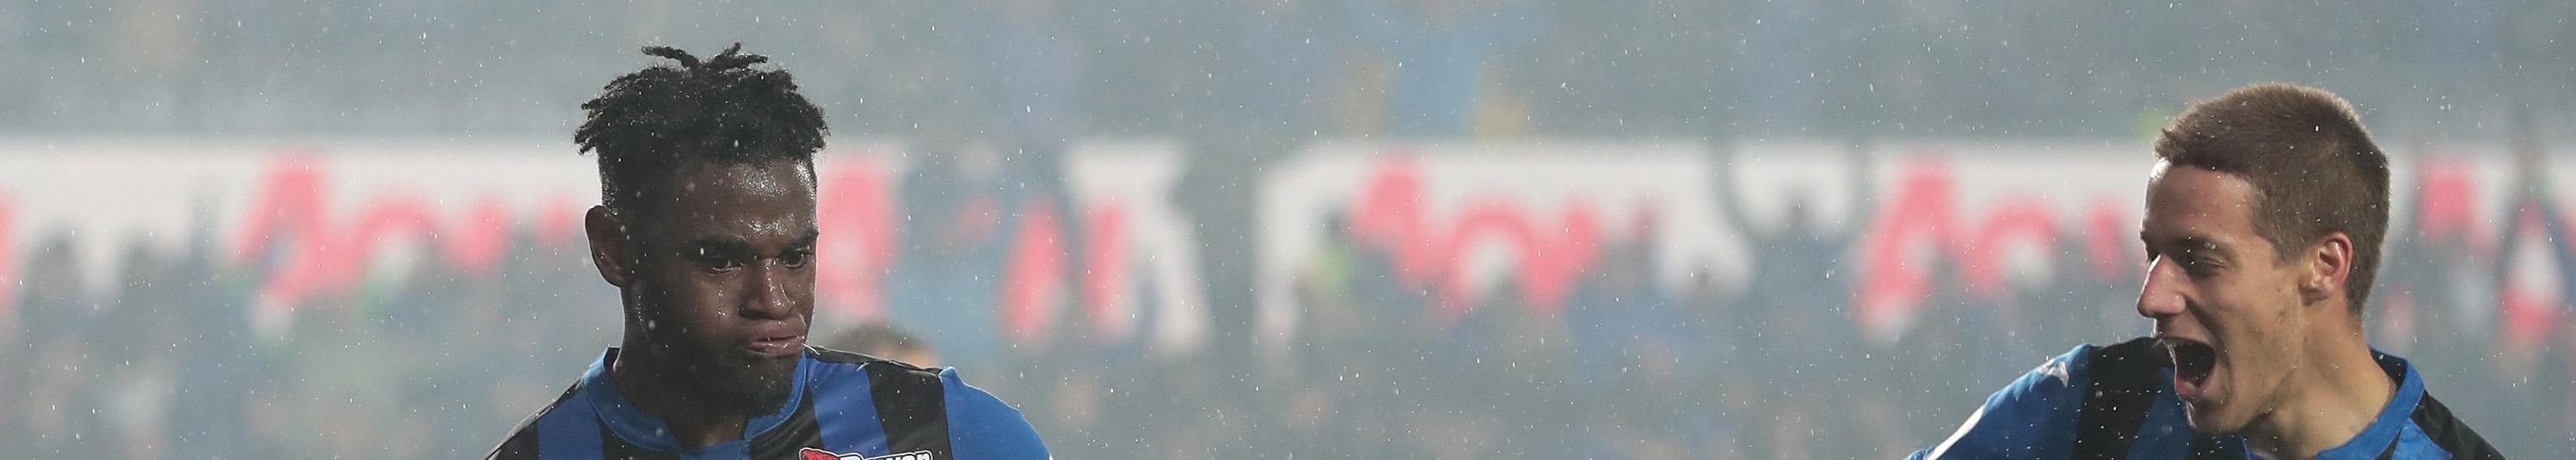 Atalanta-Chievo, una partita dall'esito scontato?